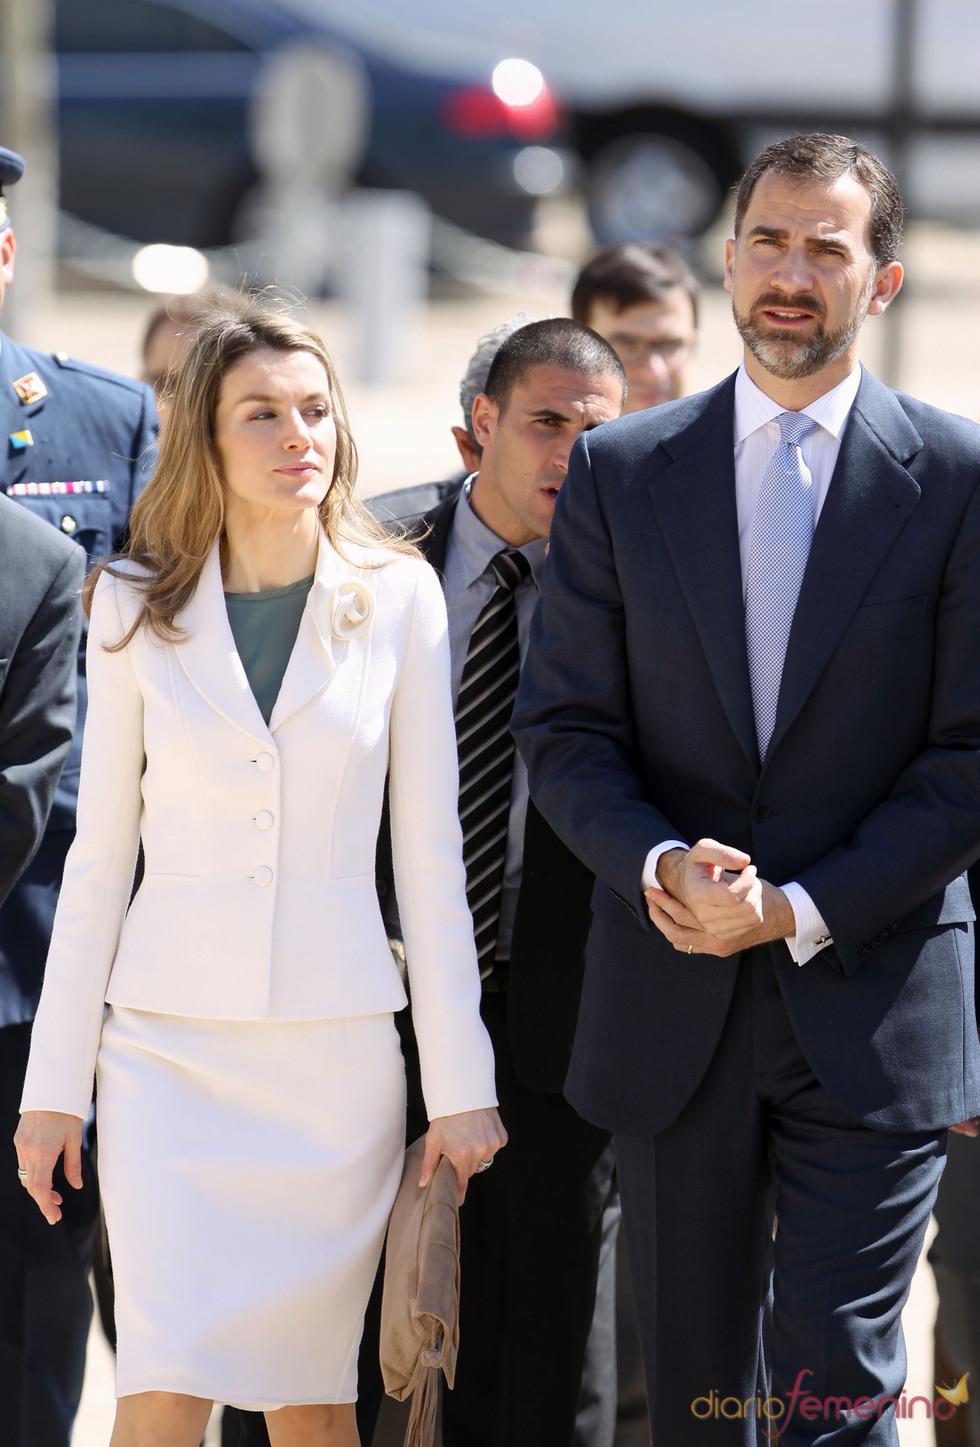 Los Príncipes de Asturias visitan el Museo histórico del Holocausto de Jesuralen